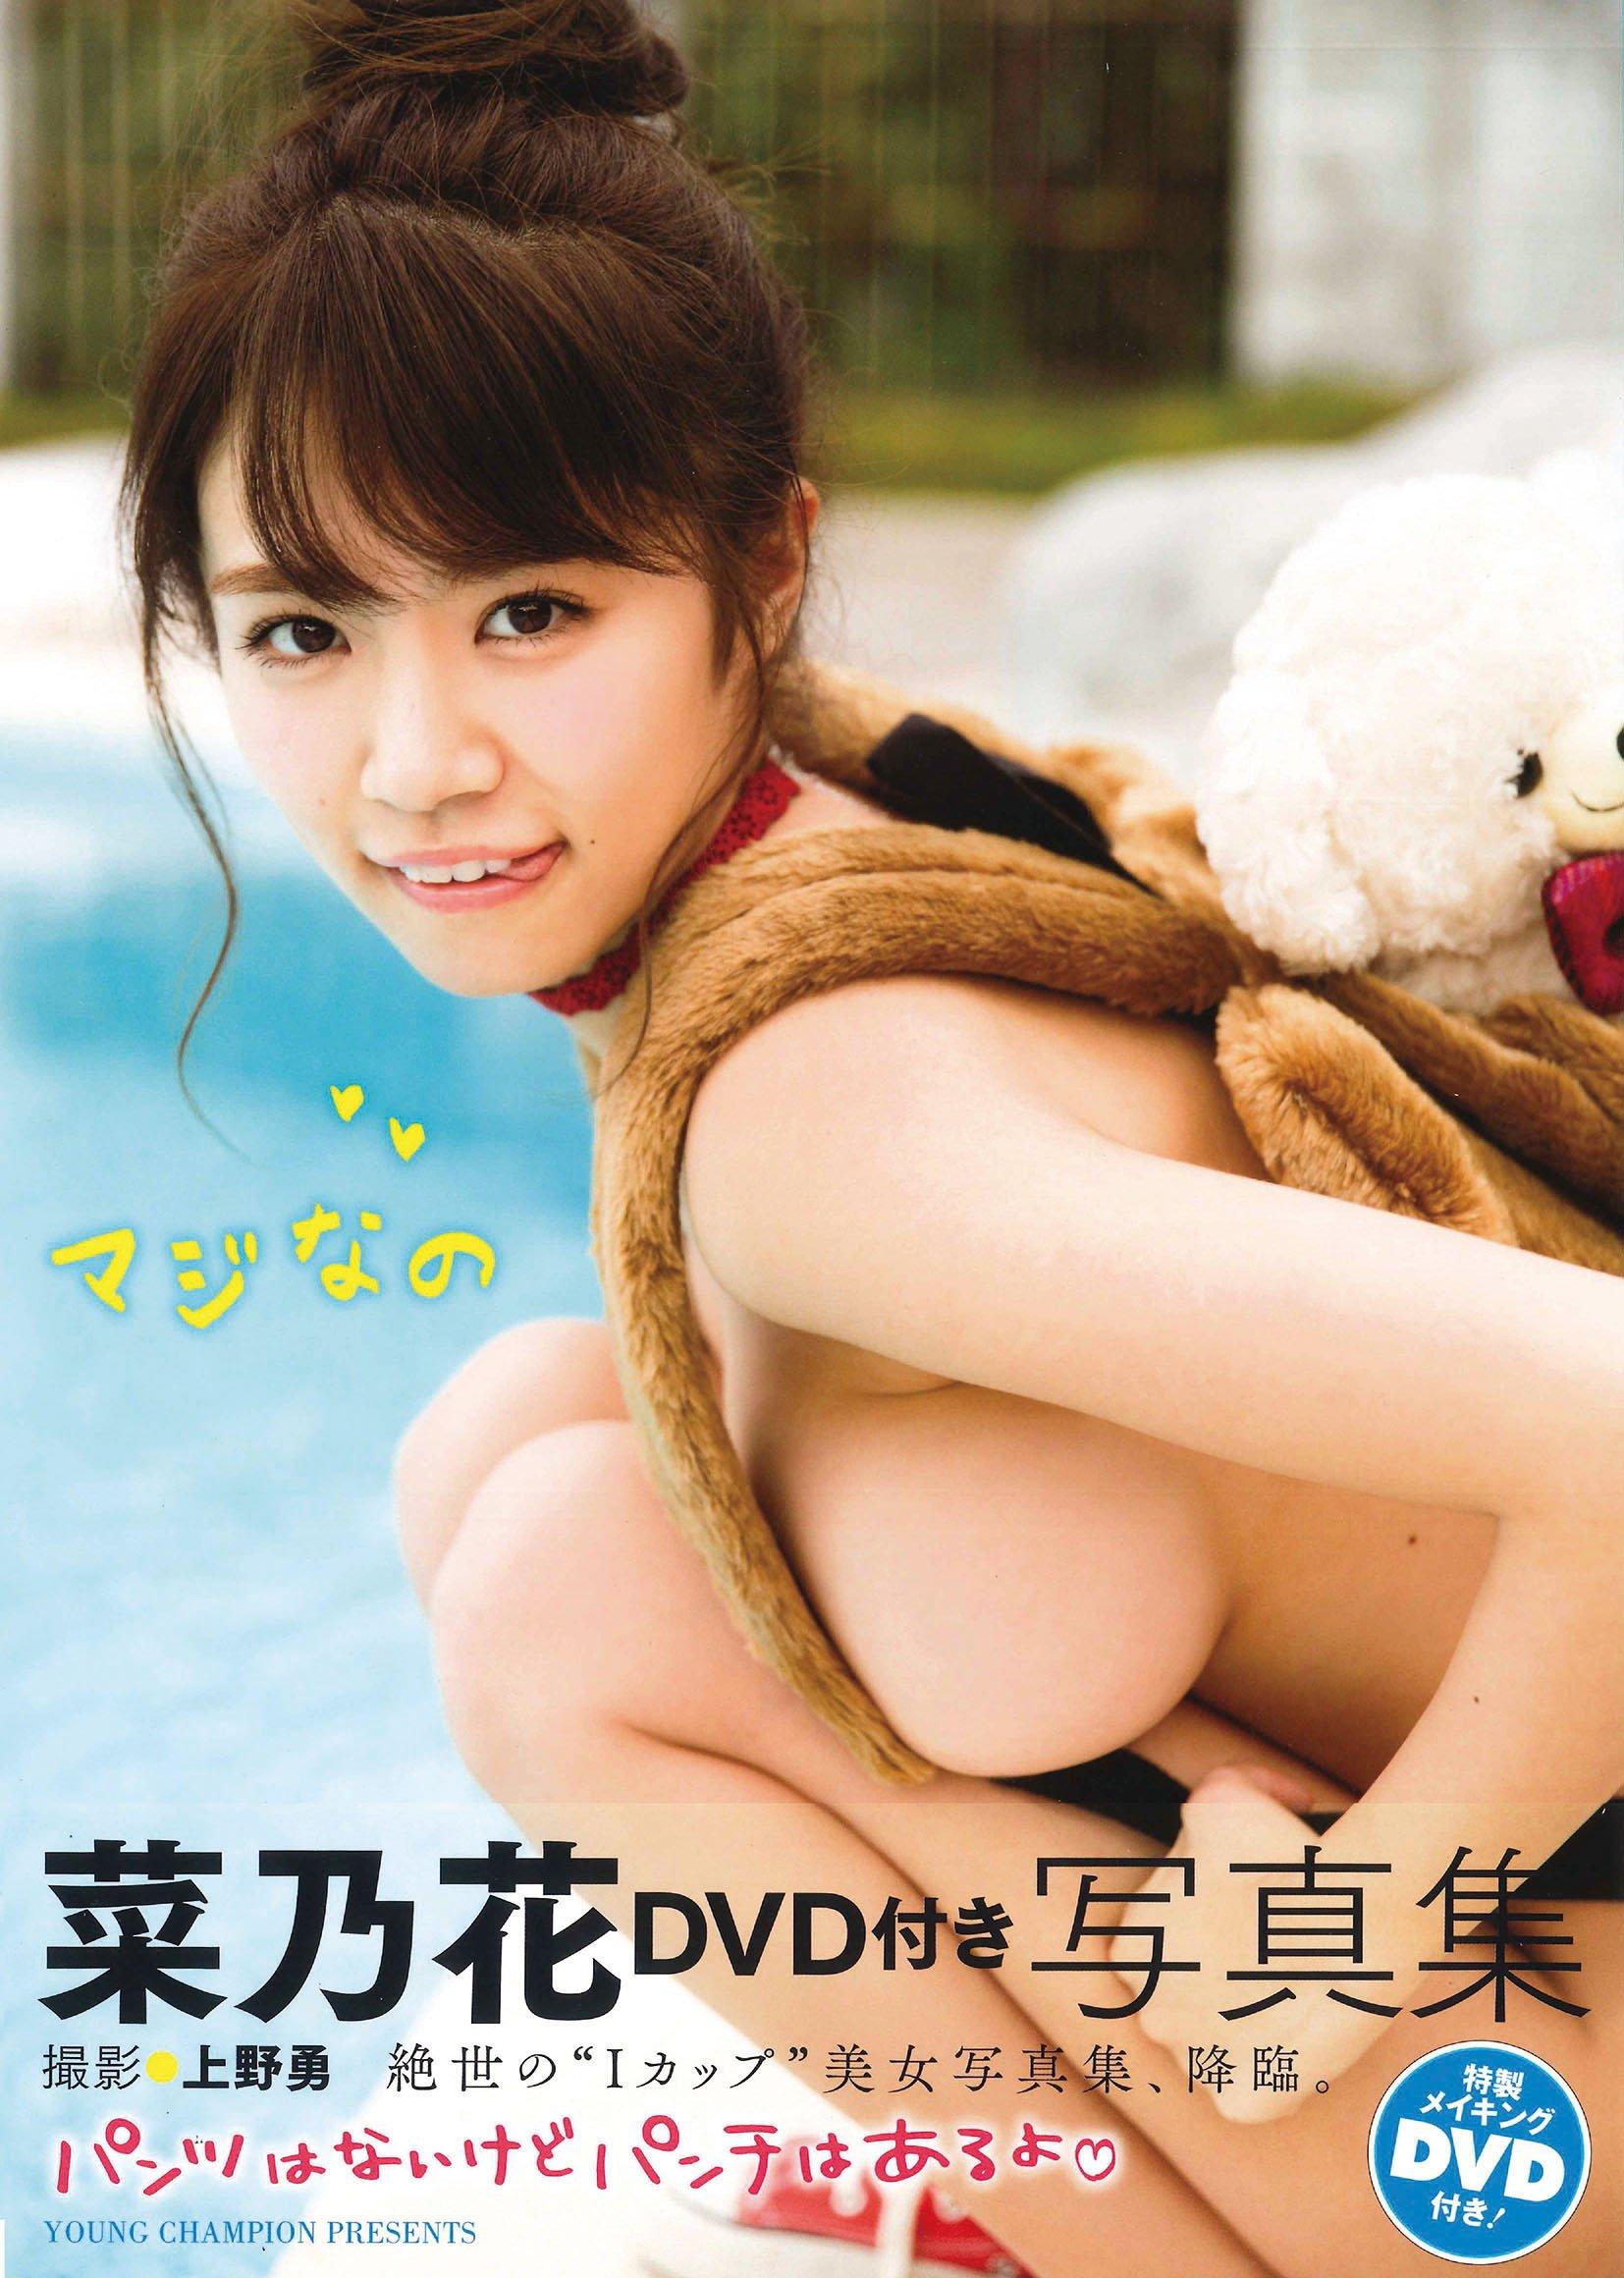 菜乃花DVD付き写真集 マジなの ジャケット 表